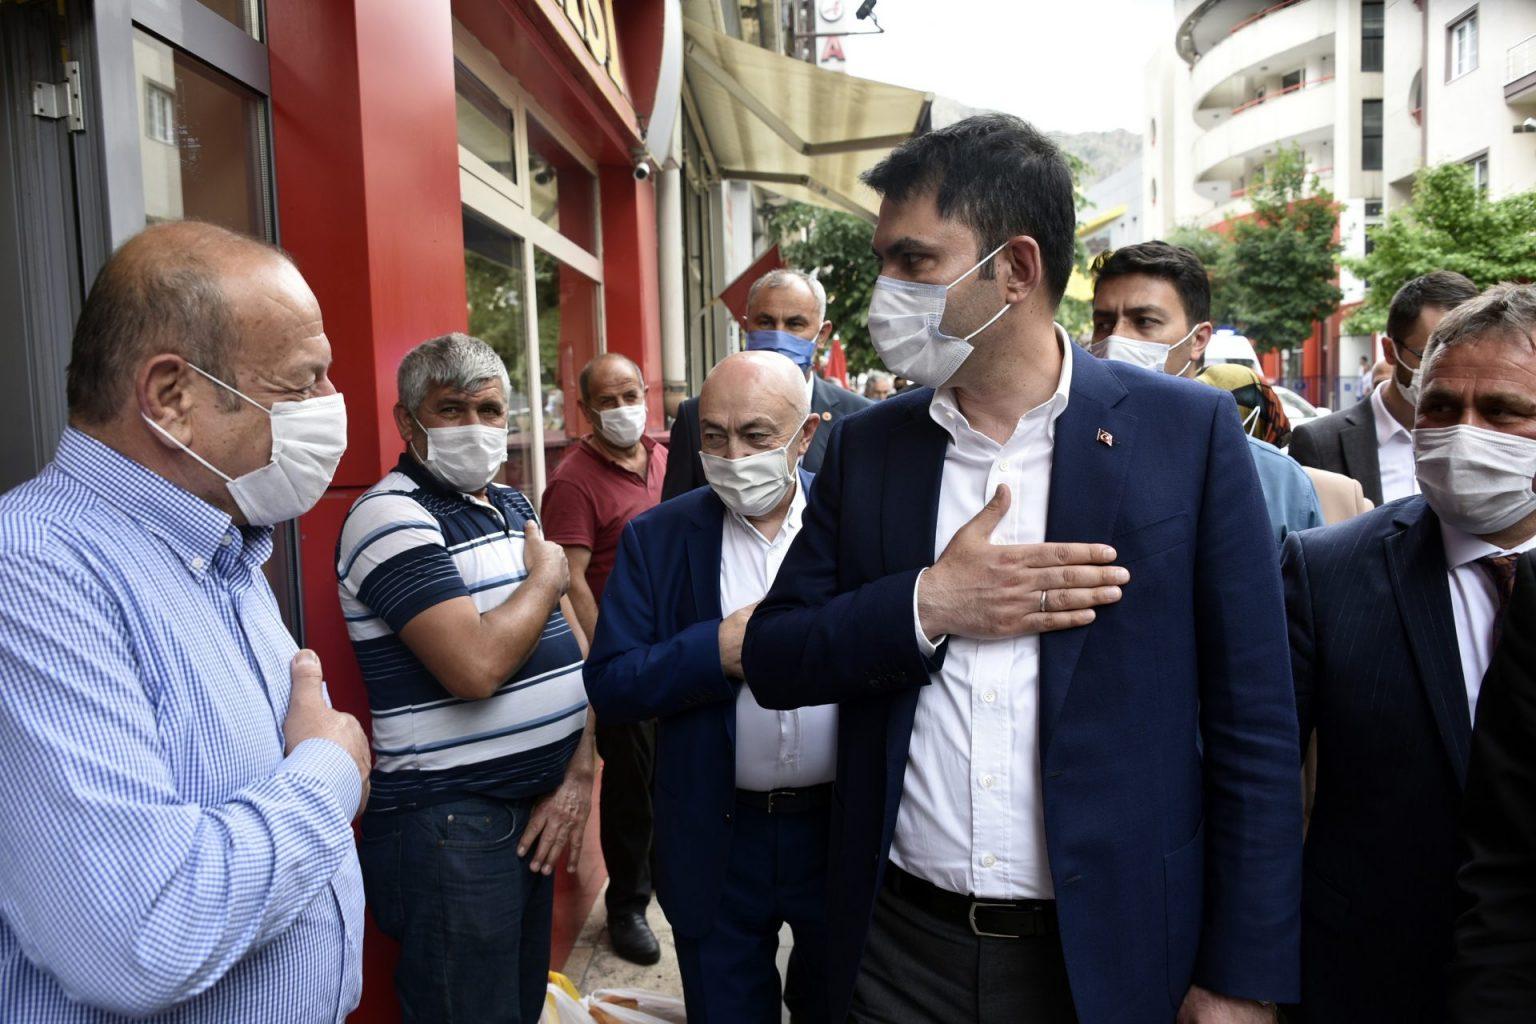 evre ve Şehircilik Bakanı Murat Kurum Gümüşhaneye çok sayıda projeleri hayata geçirecek müjdeler verdi 6